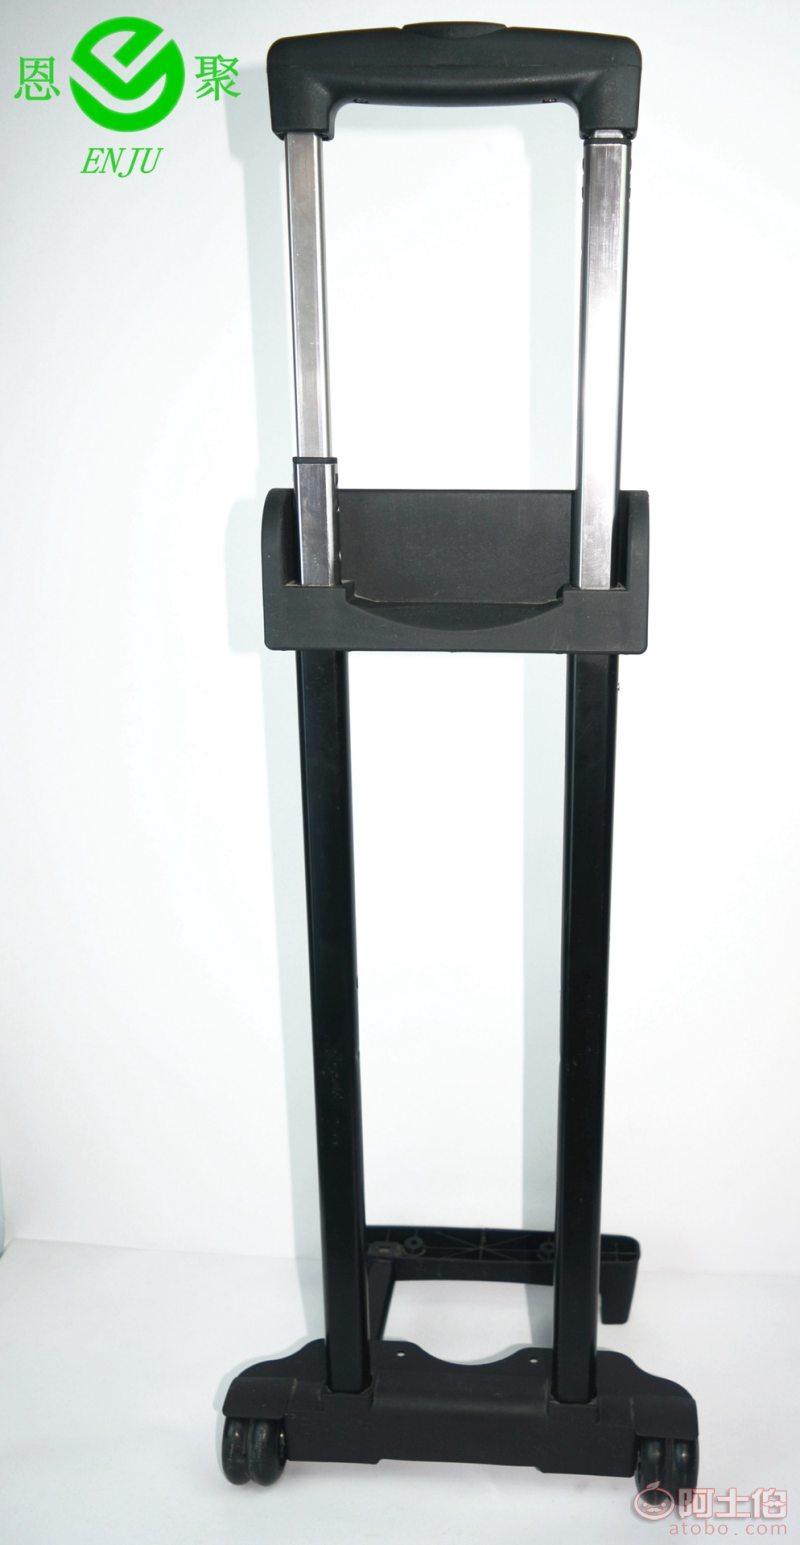 置拉杆箱别墅图纸行李箱拉杆外置配件8C01CA-D3v别墅配件层拉杆一三间图片